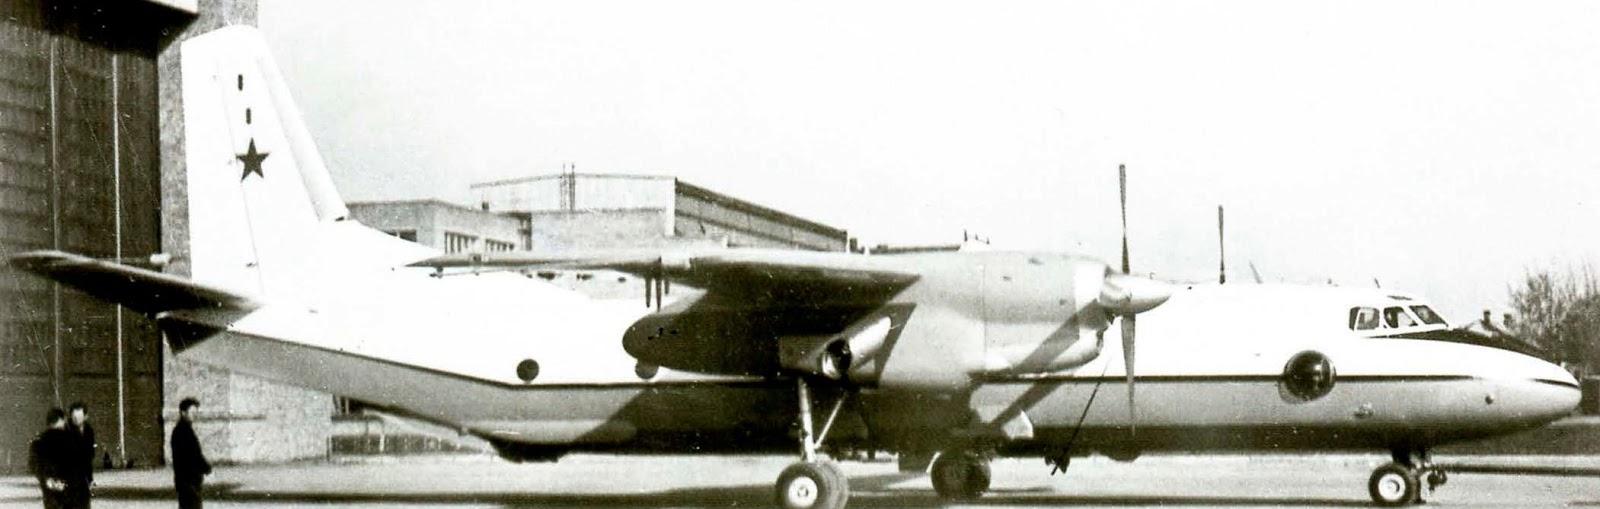 самолёт ан 26